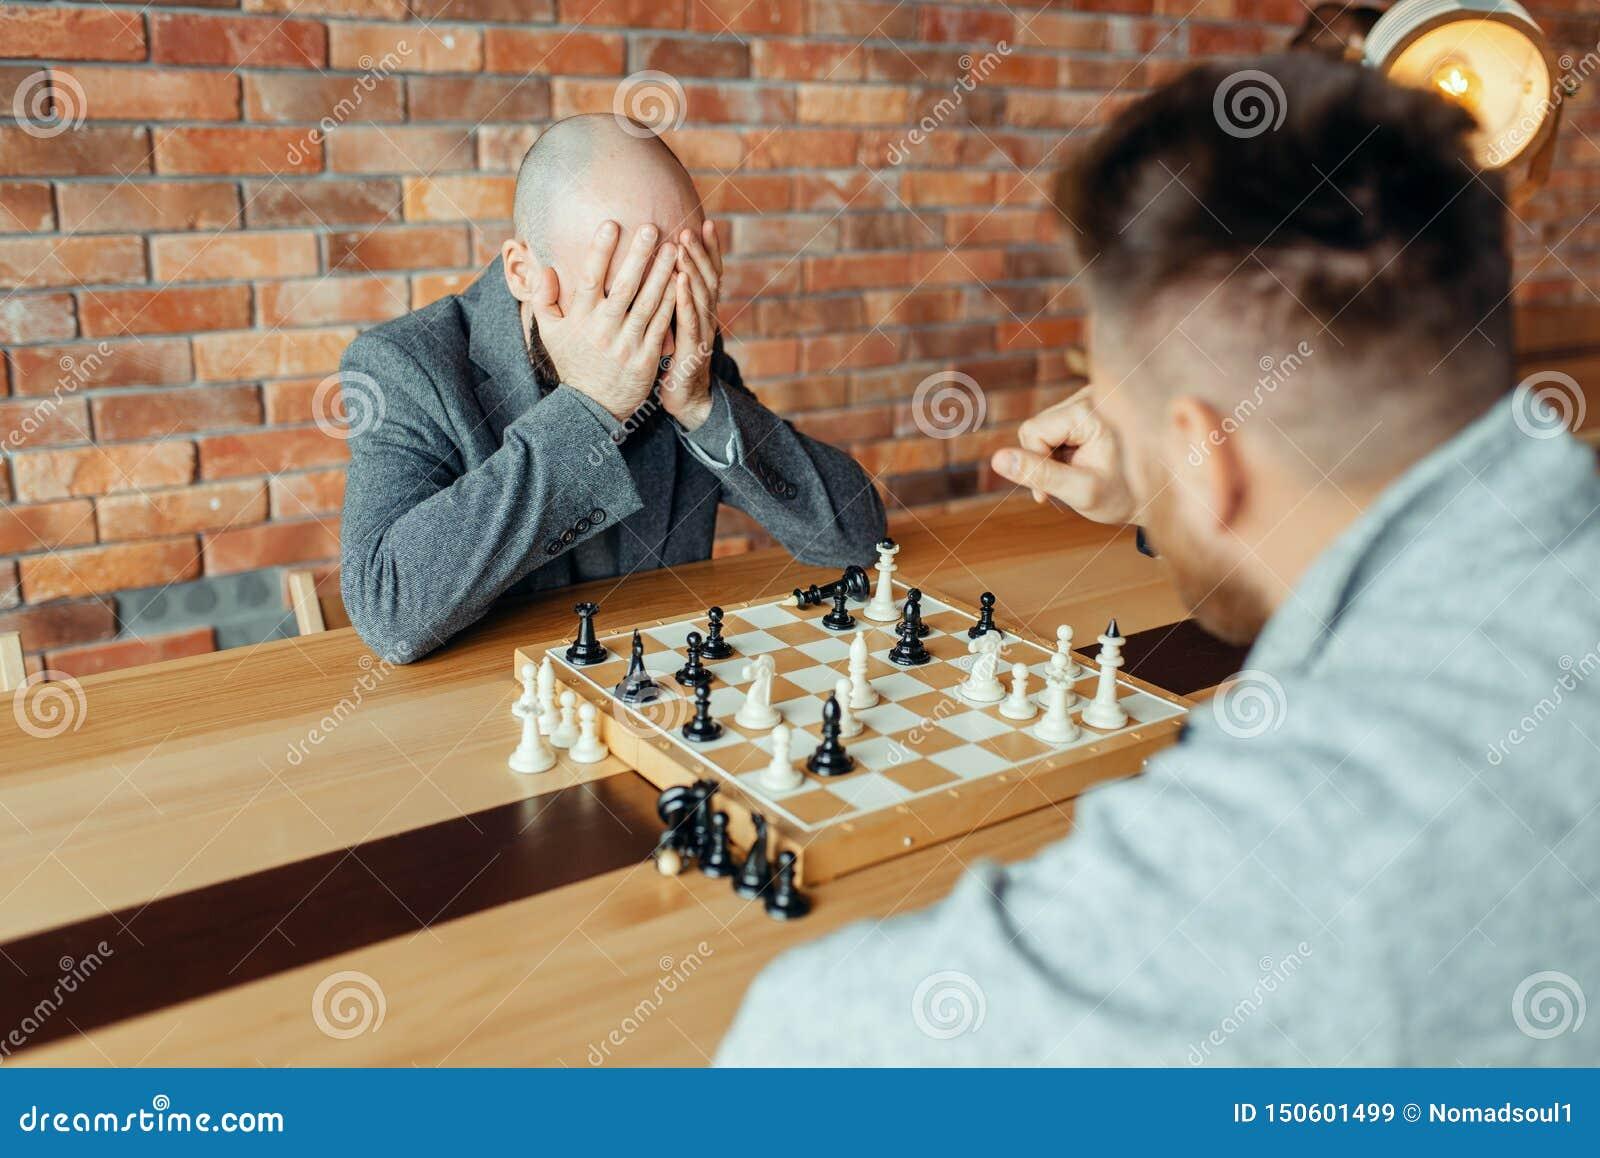 Мужские шахматисты играя, белые выигрыши, ответная часть